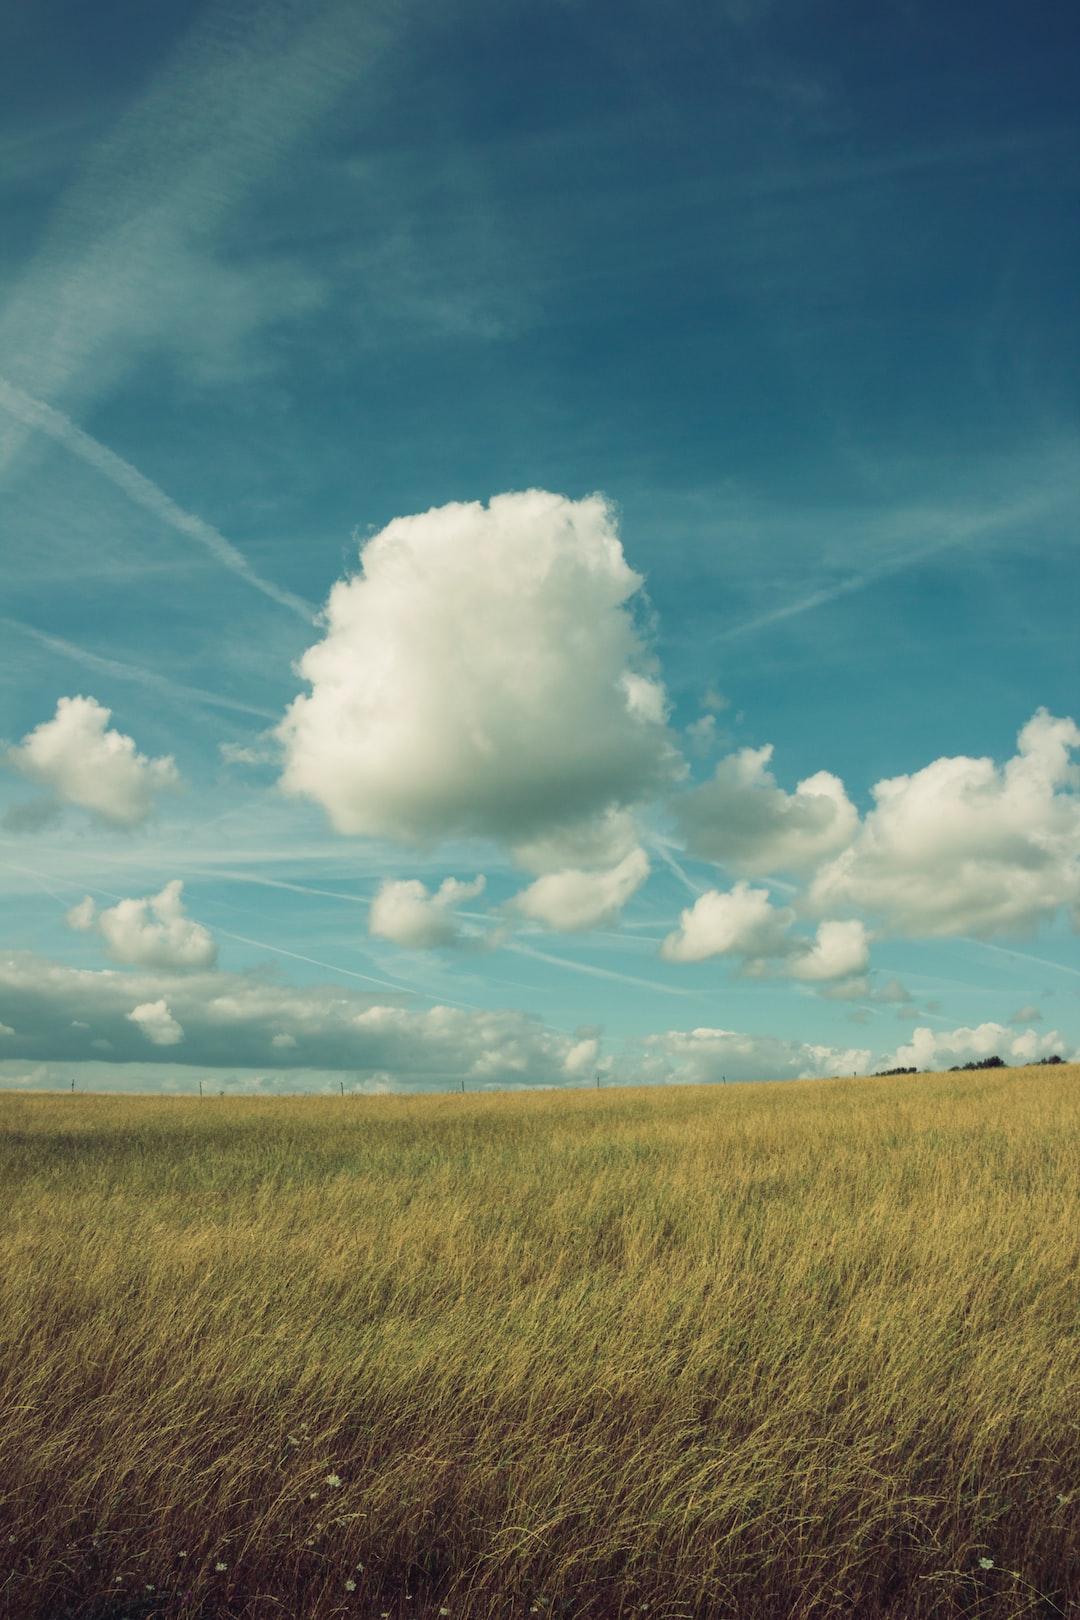 Beautiful clouds in a bright blue sky above a field